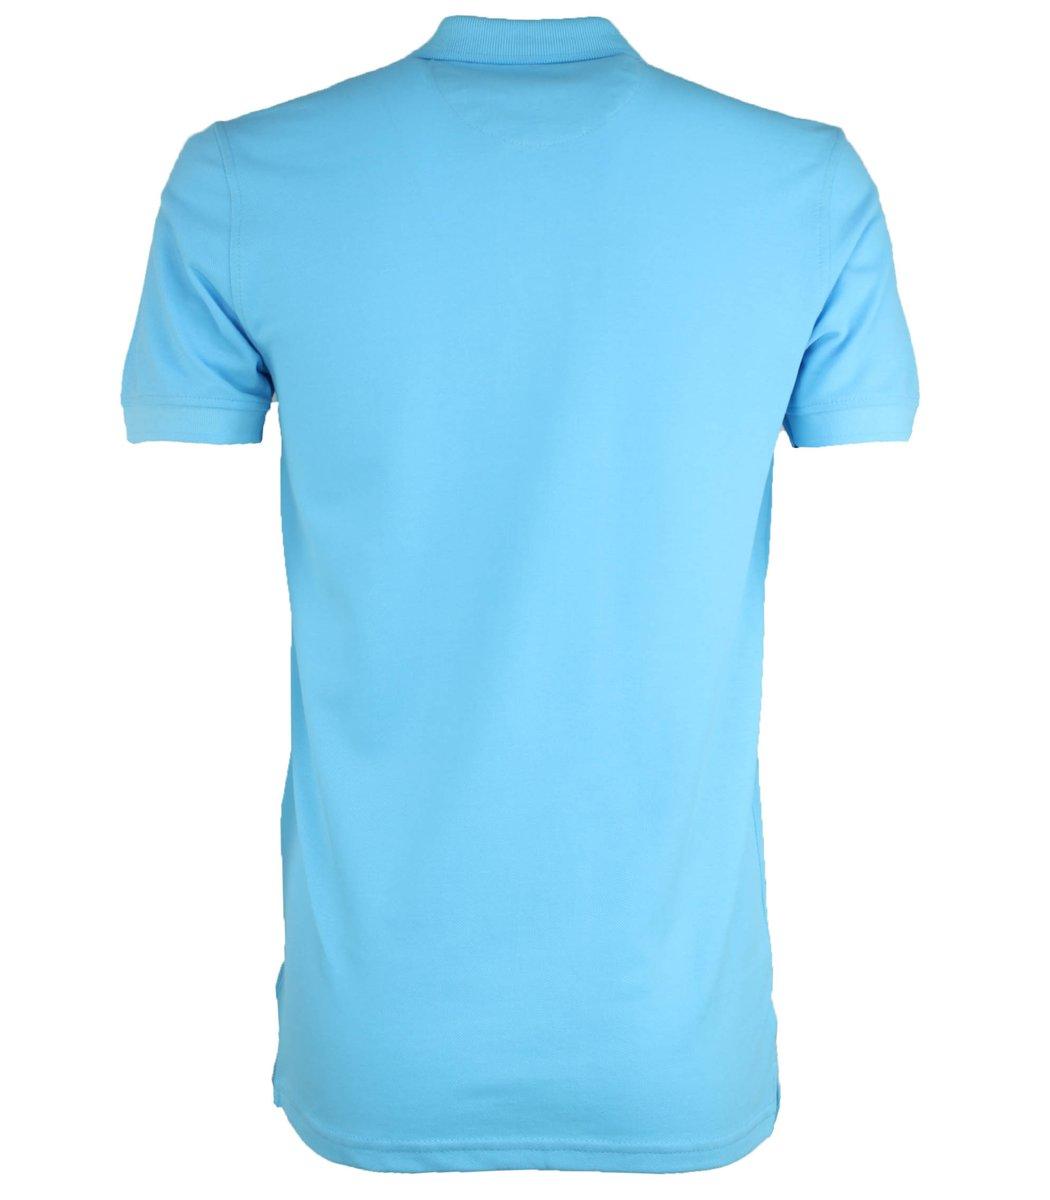 Светло-голубая классическая футболка поло Gant G2